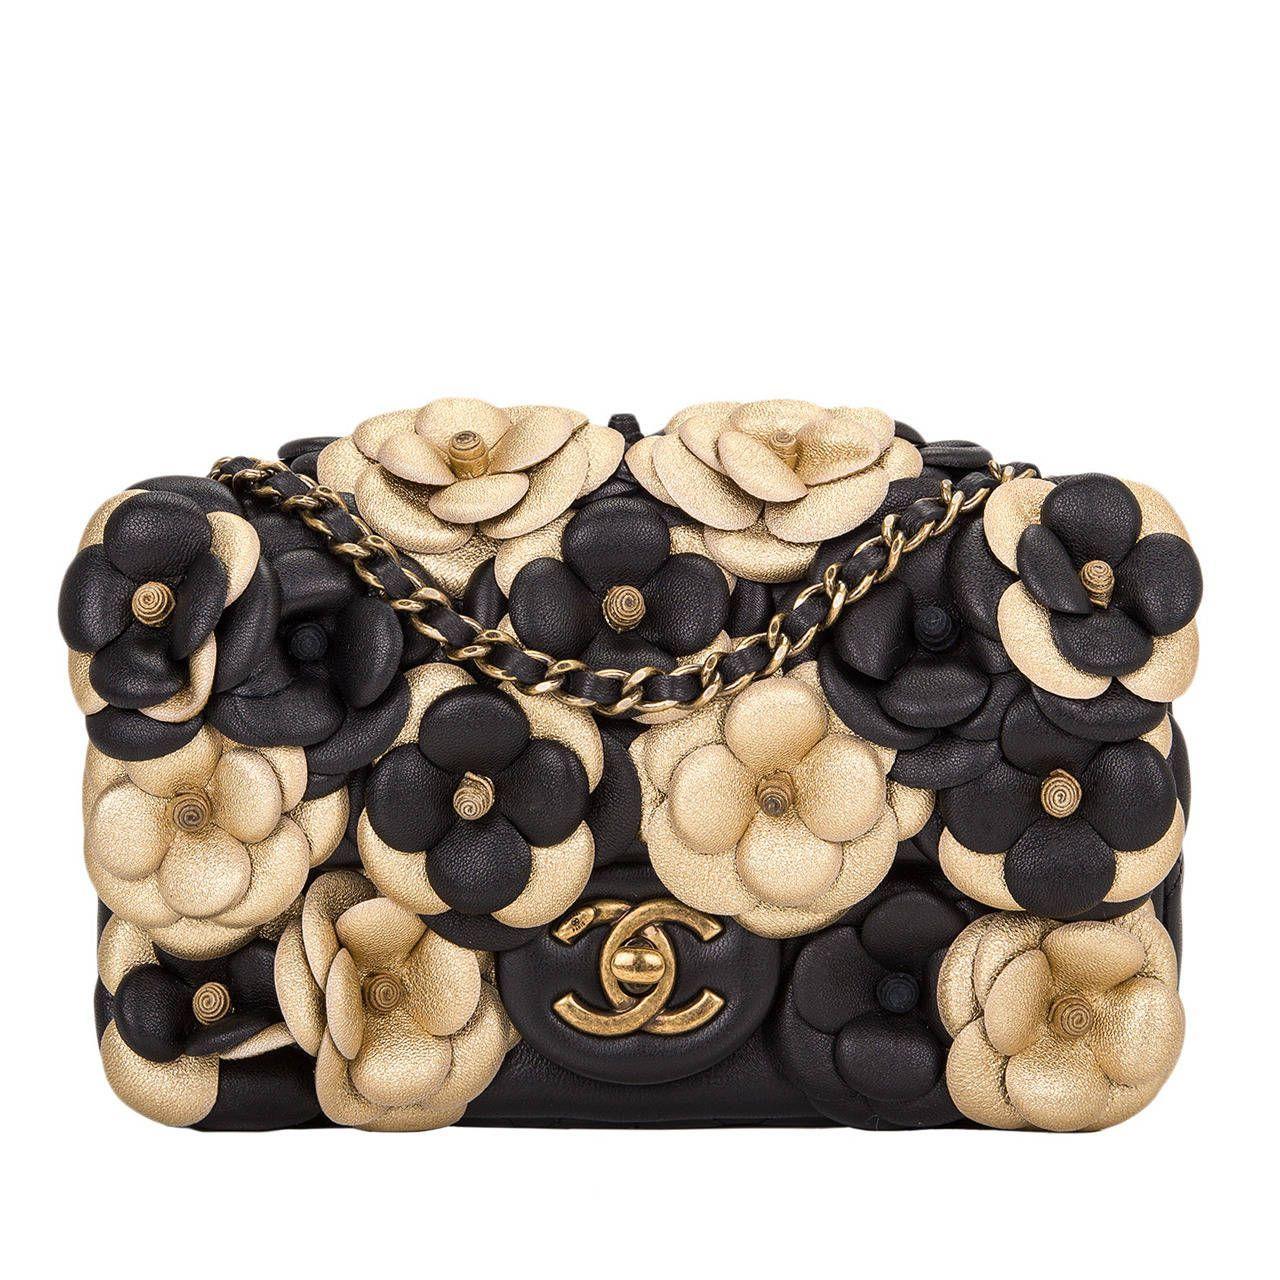 b2804d6a61bd Chanel Black Camellia Flap Bag